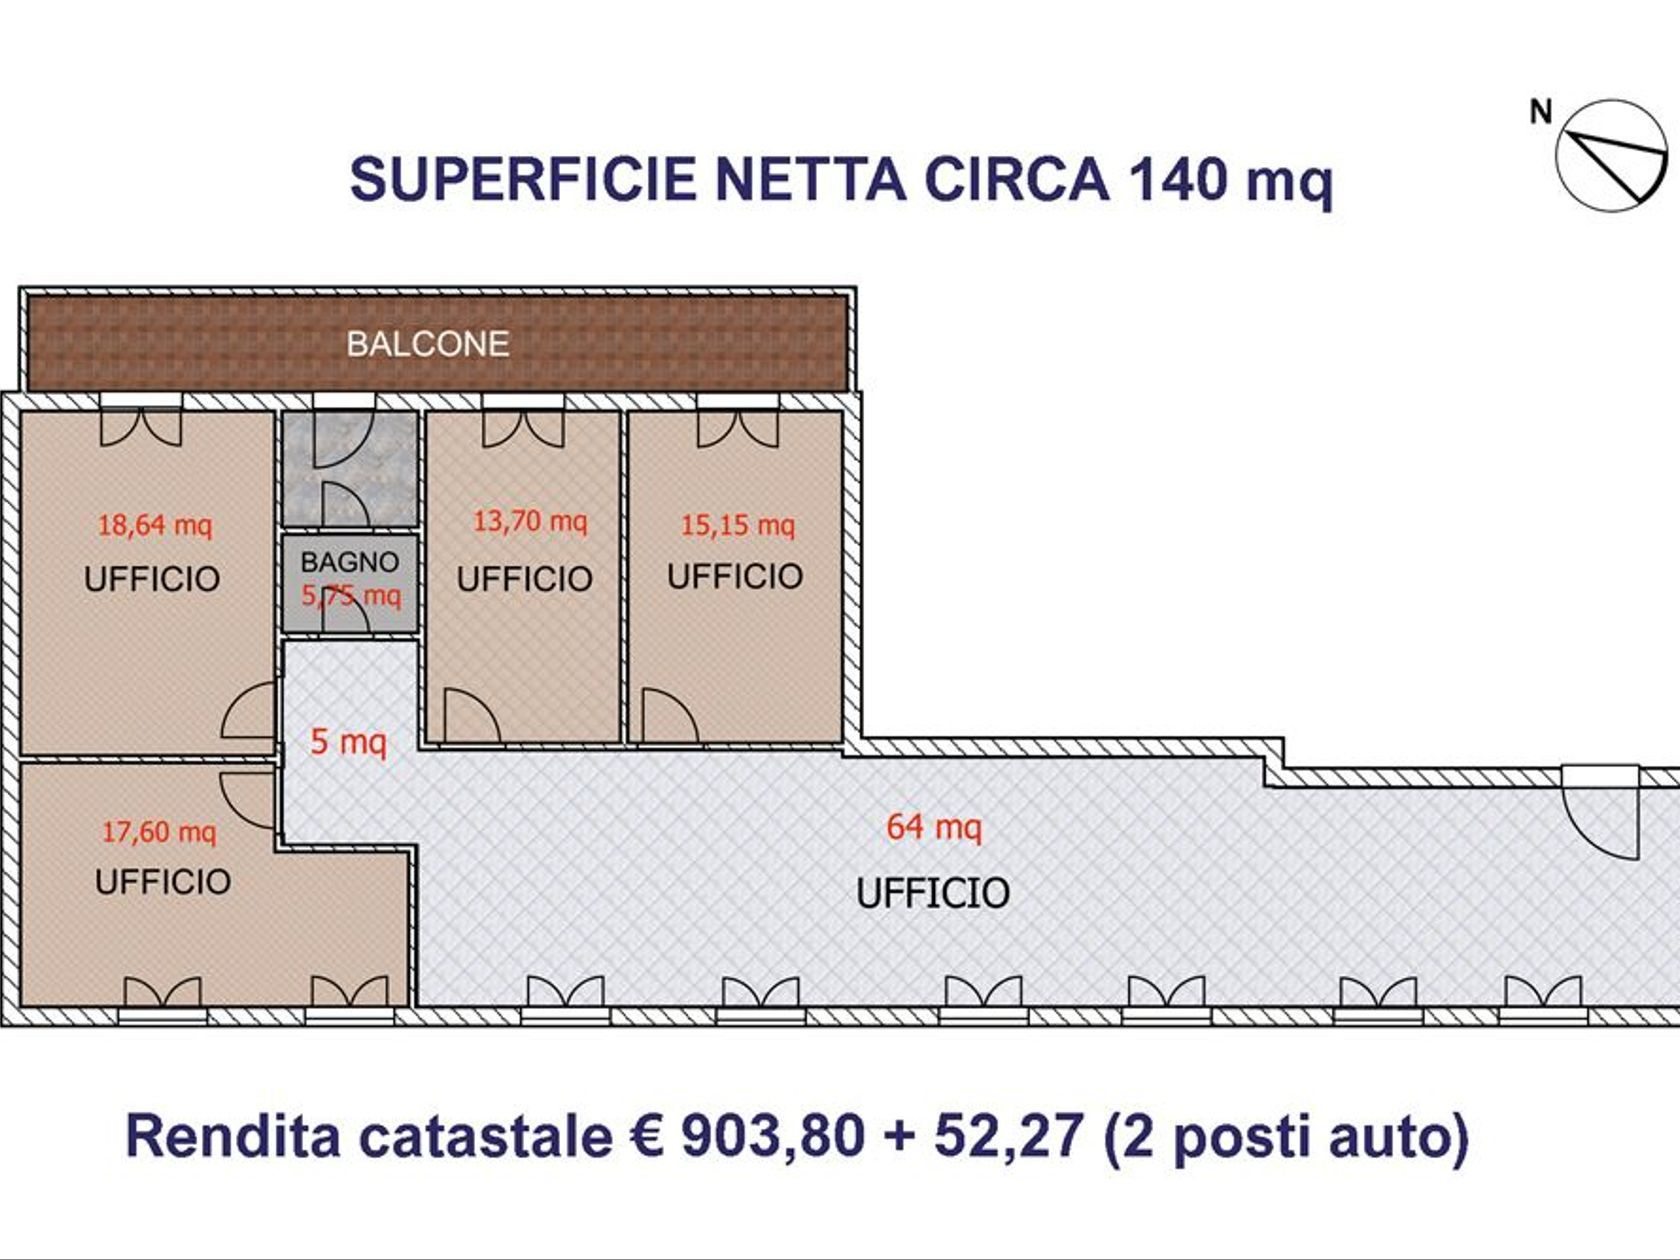 Ufficio Genneruxi, Cagliari, CA Affitto - Foto 3